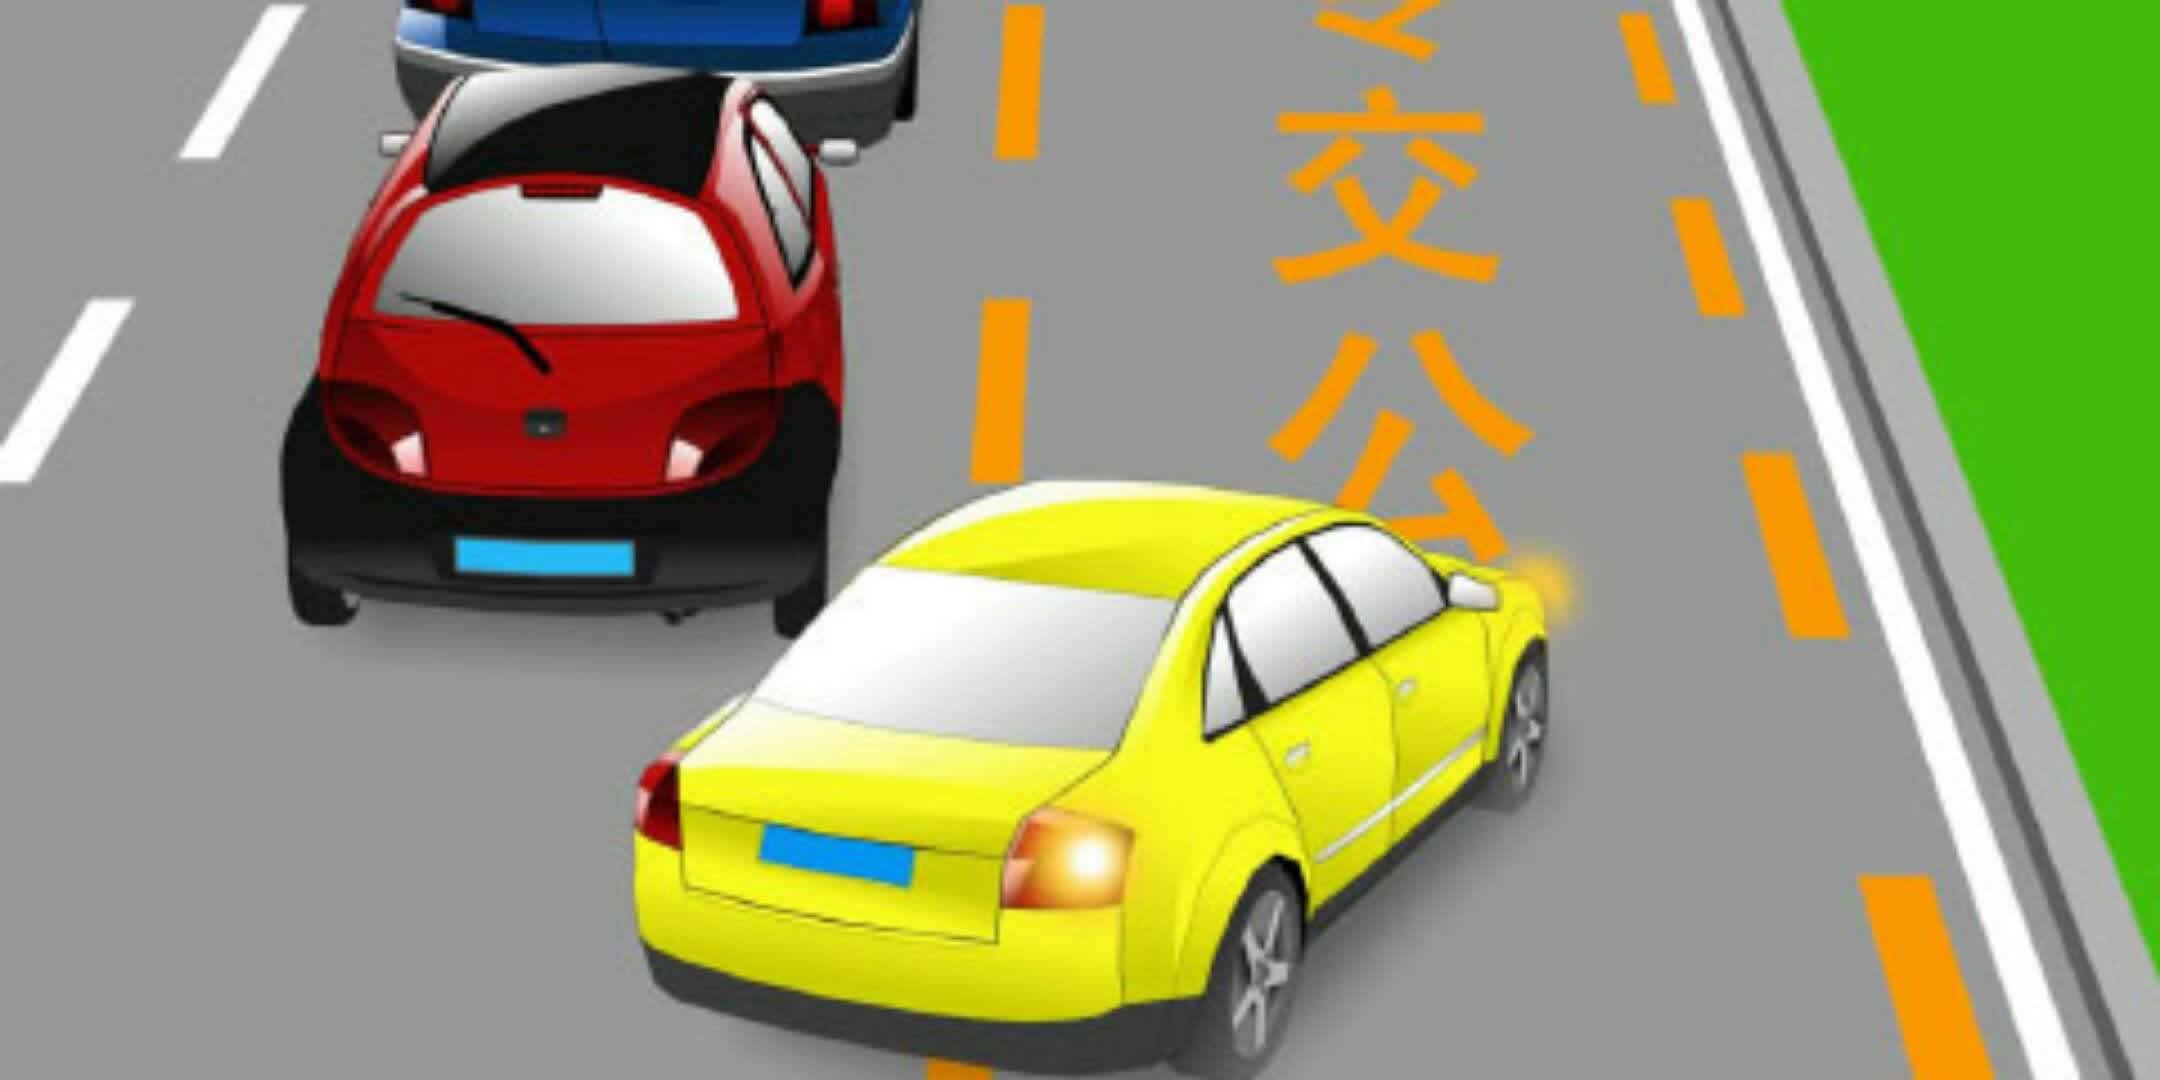 请判断一下图中这辆黄色小型客车的违法行为是什么?